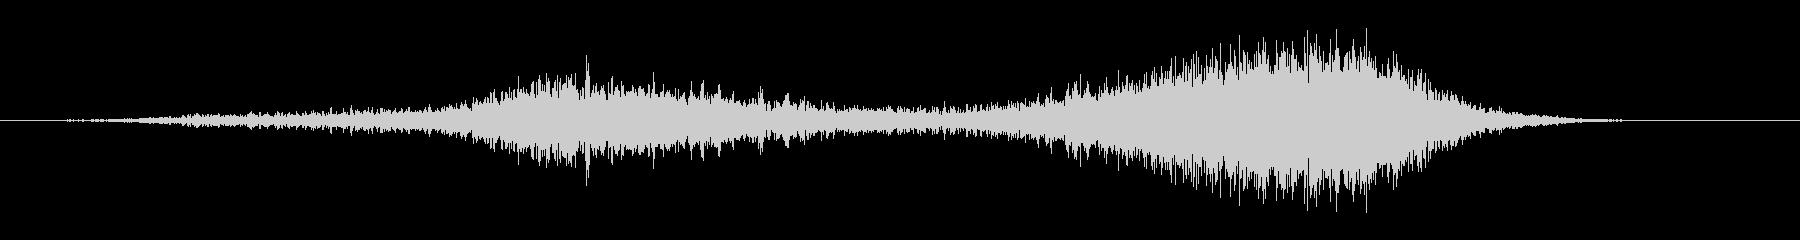 シャープティアリングフーシャ3の未再生の波形